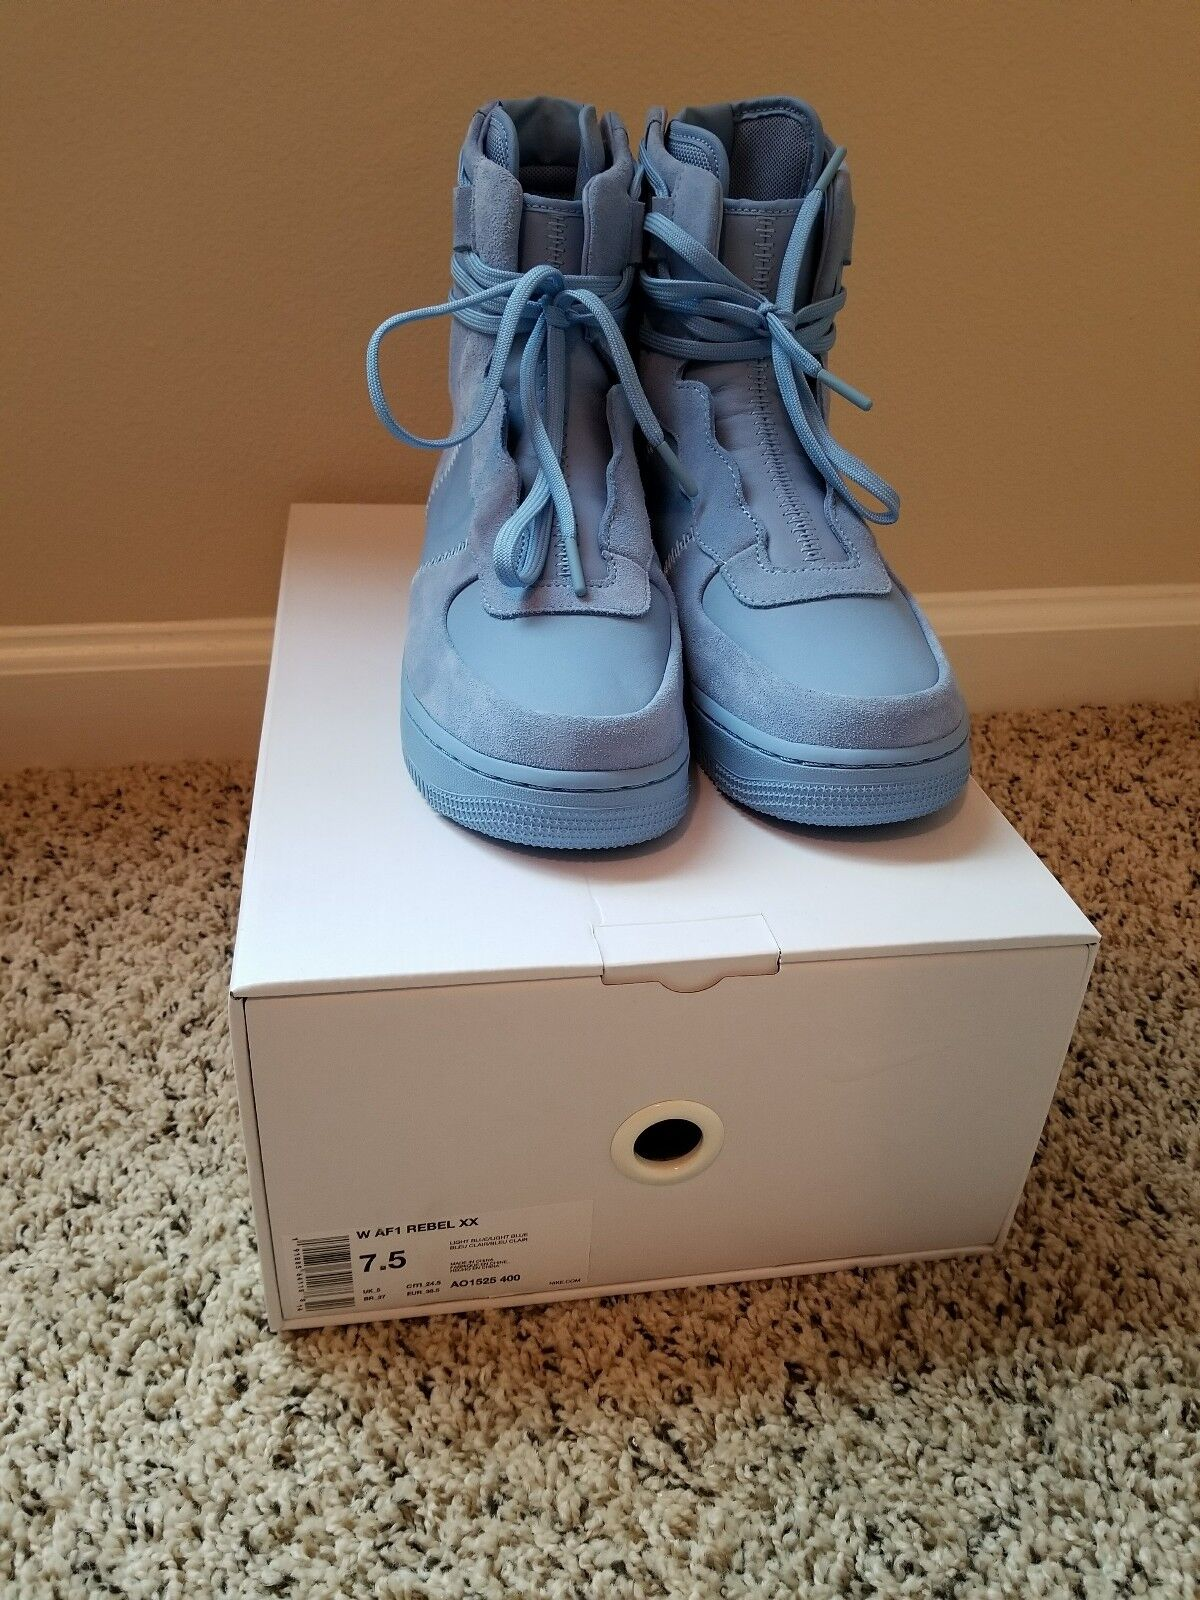 Nike Air Force 1 Rebel XX High - Ocean-bluee - FOR QUEENS - BNIB - SIZE 7.5